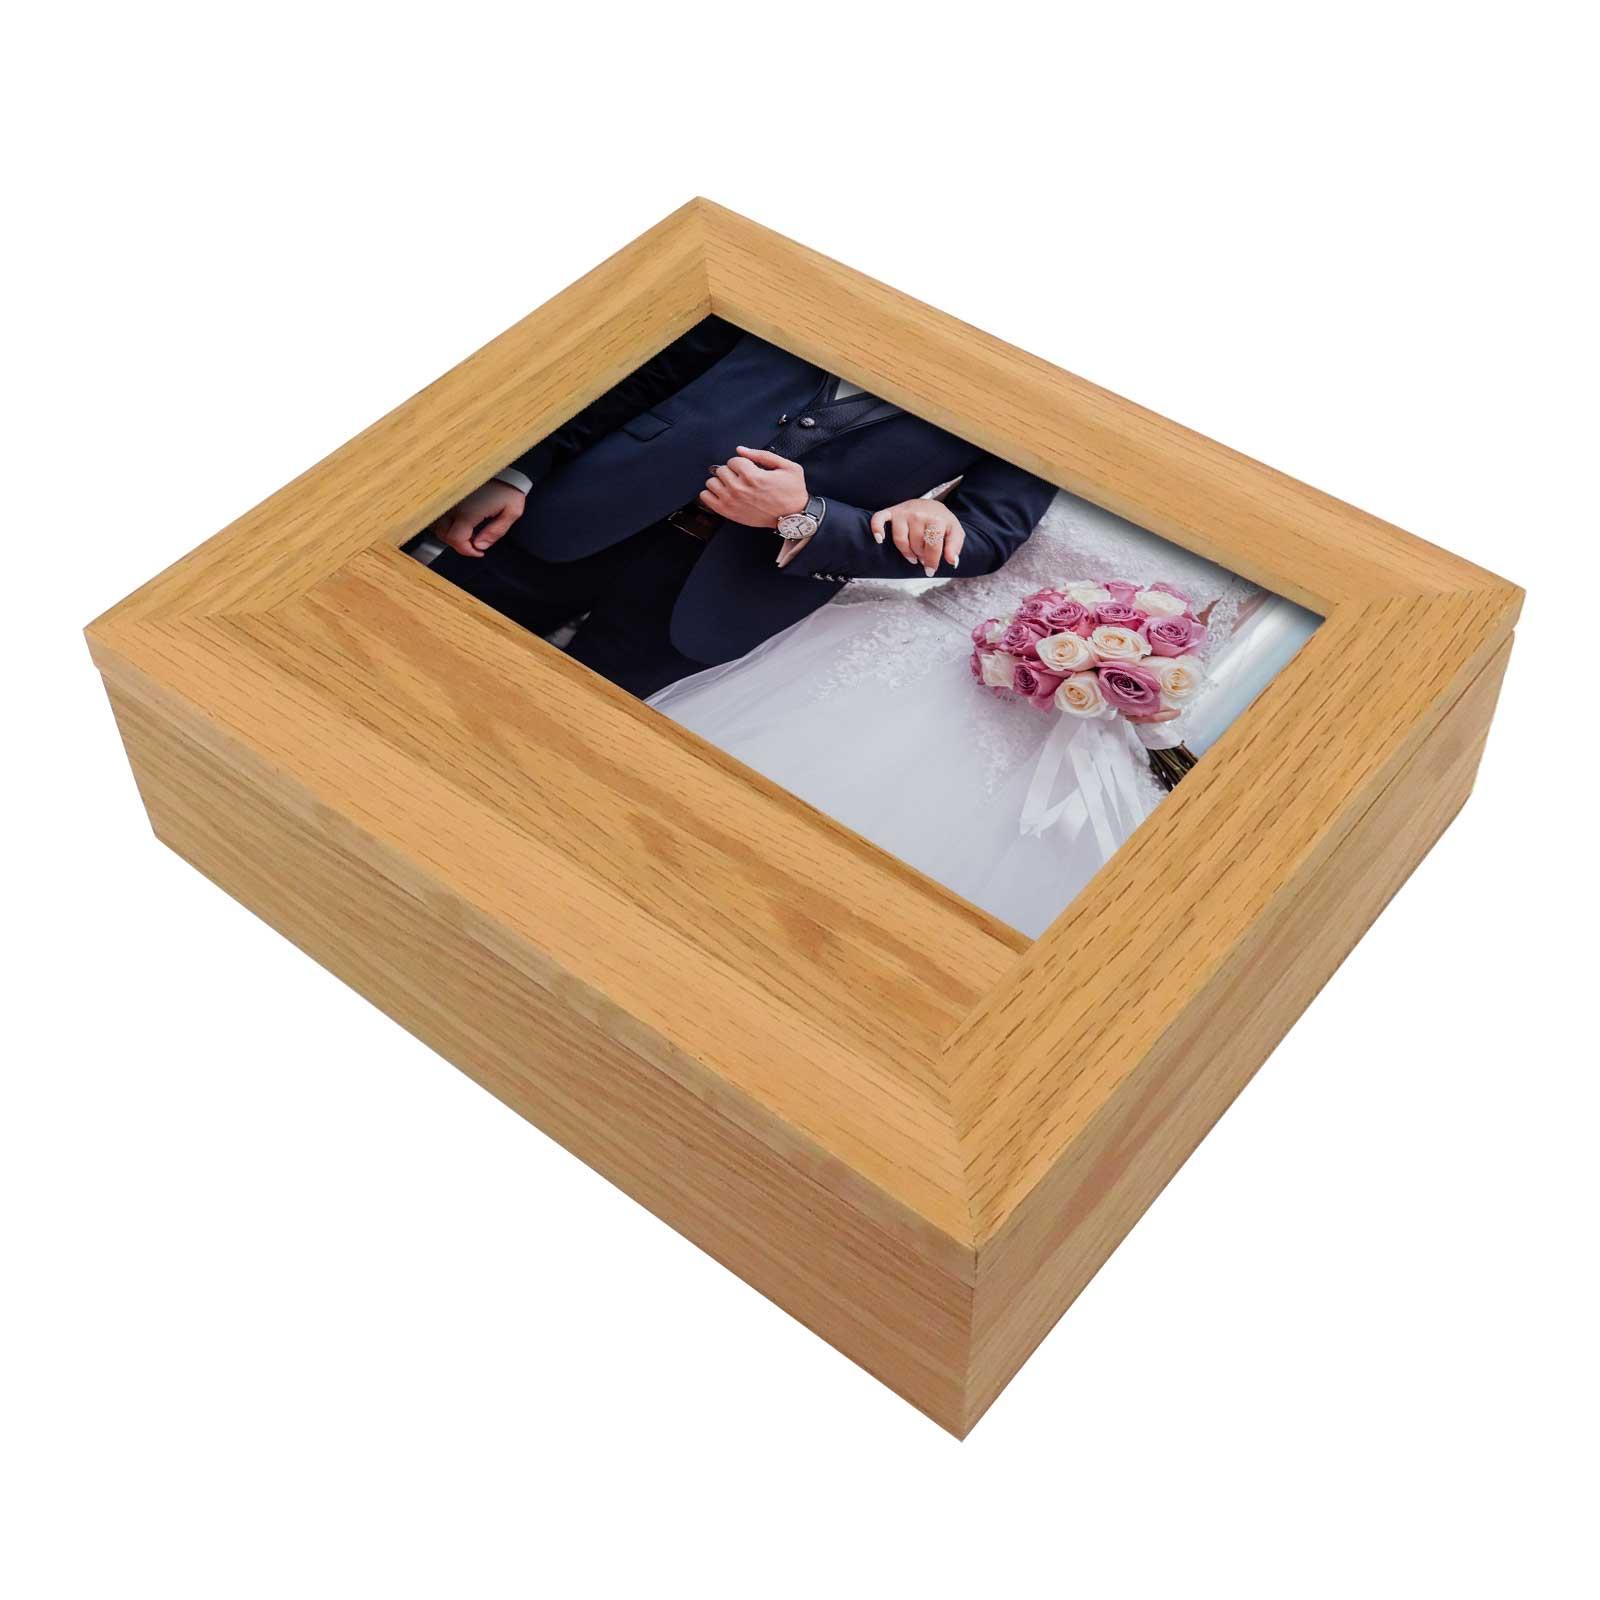 Plain Photo Boxes & Frames